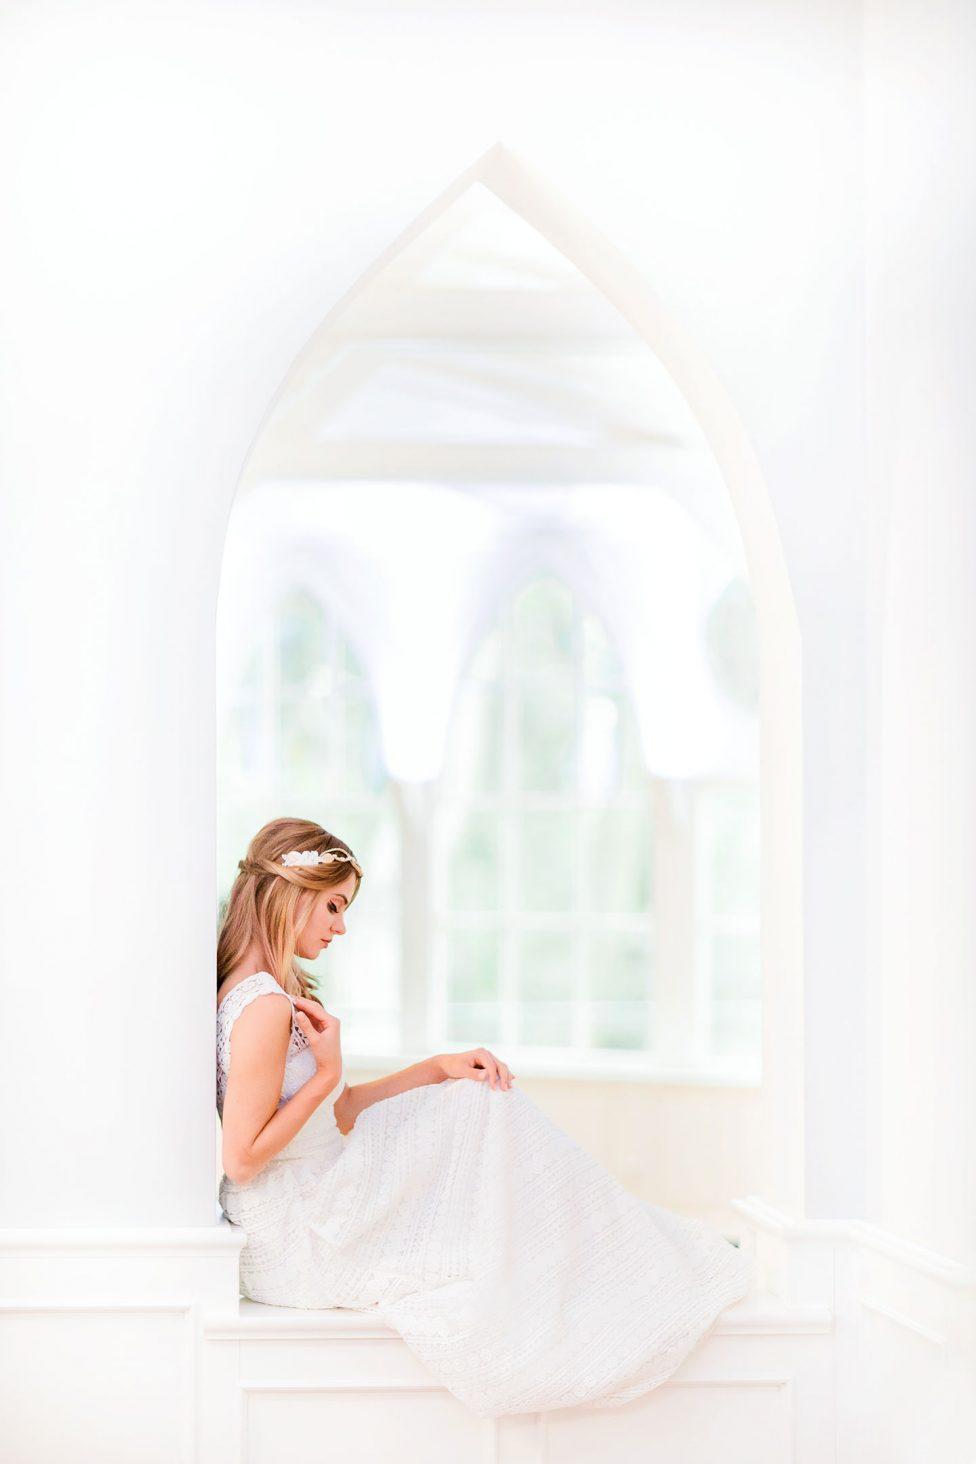 Brautkleider 2018: Moderne Muse & verspielte Poesie